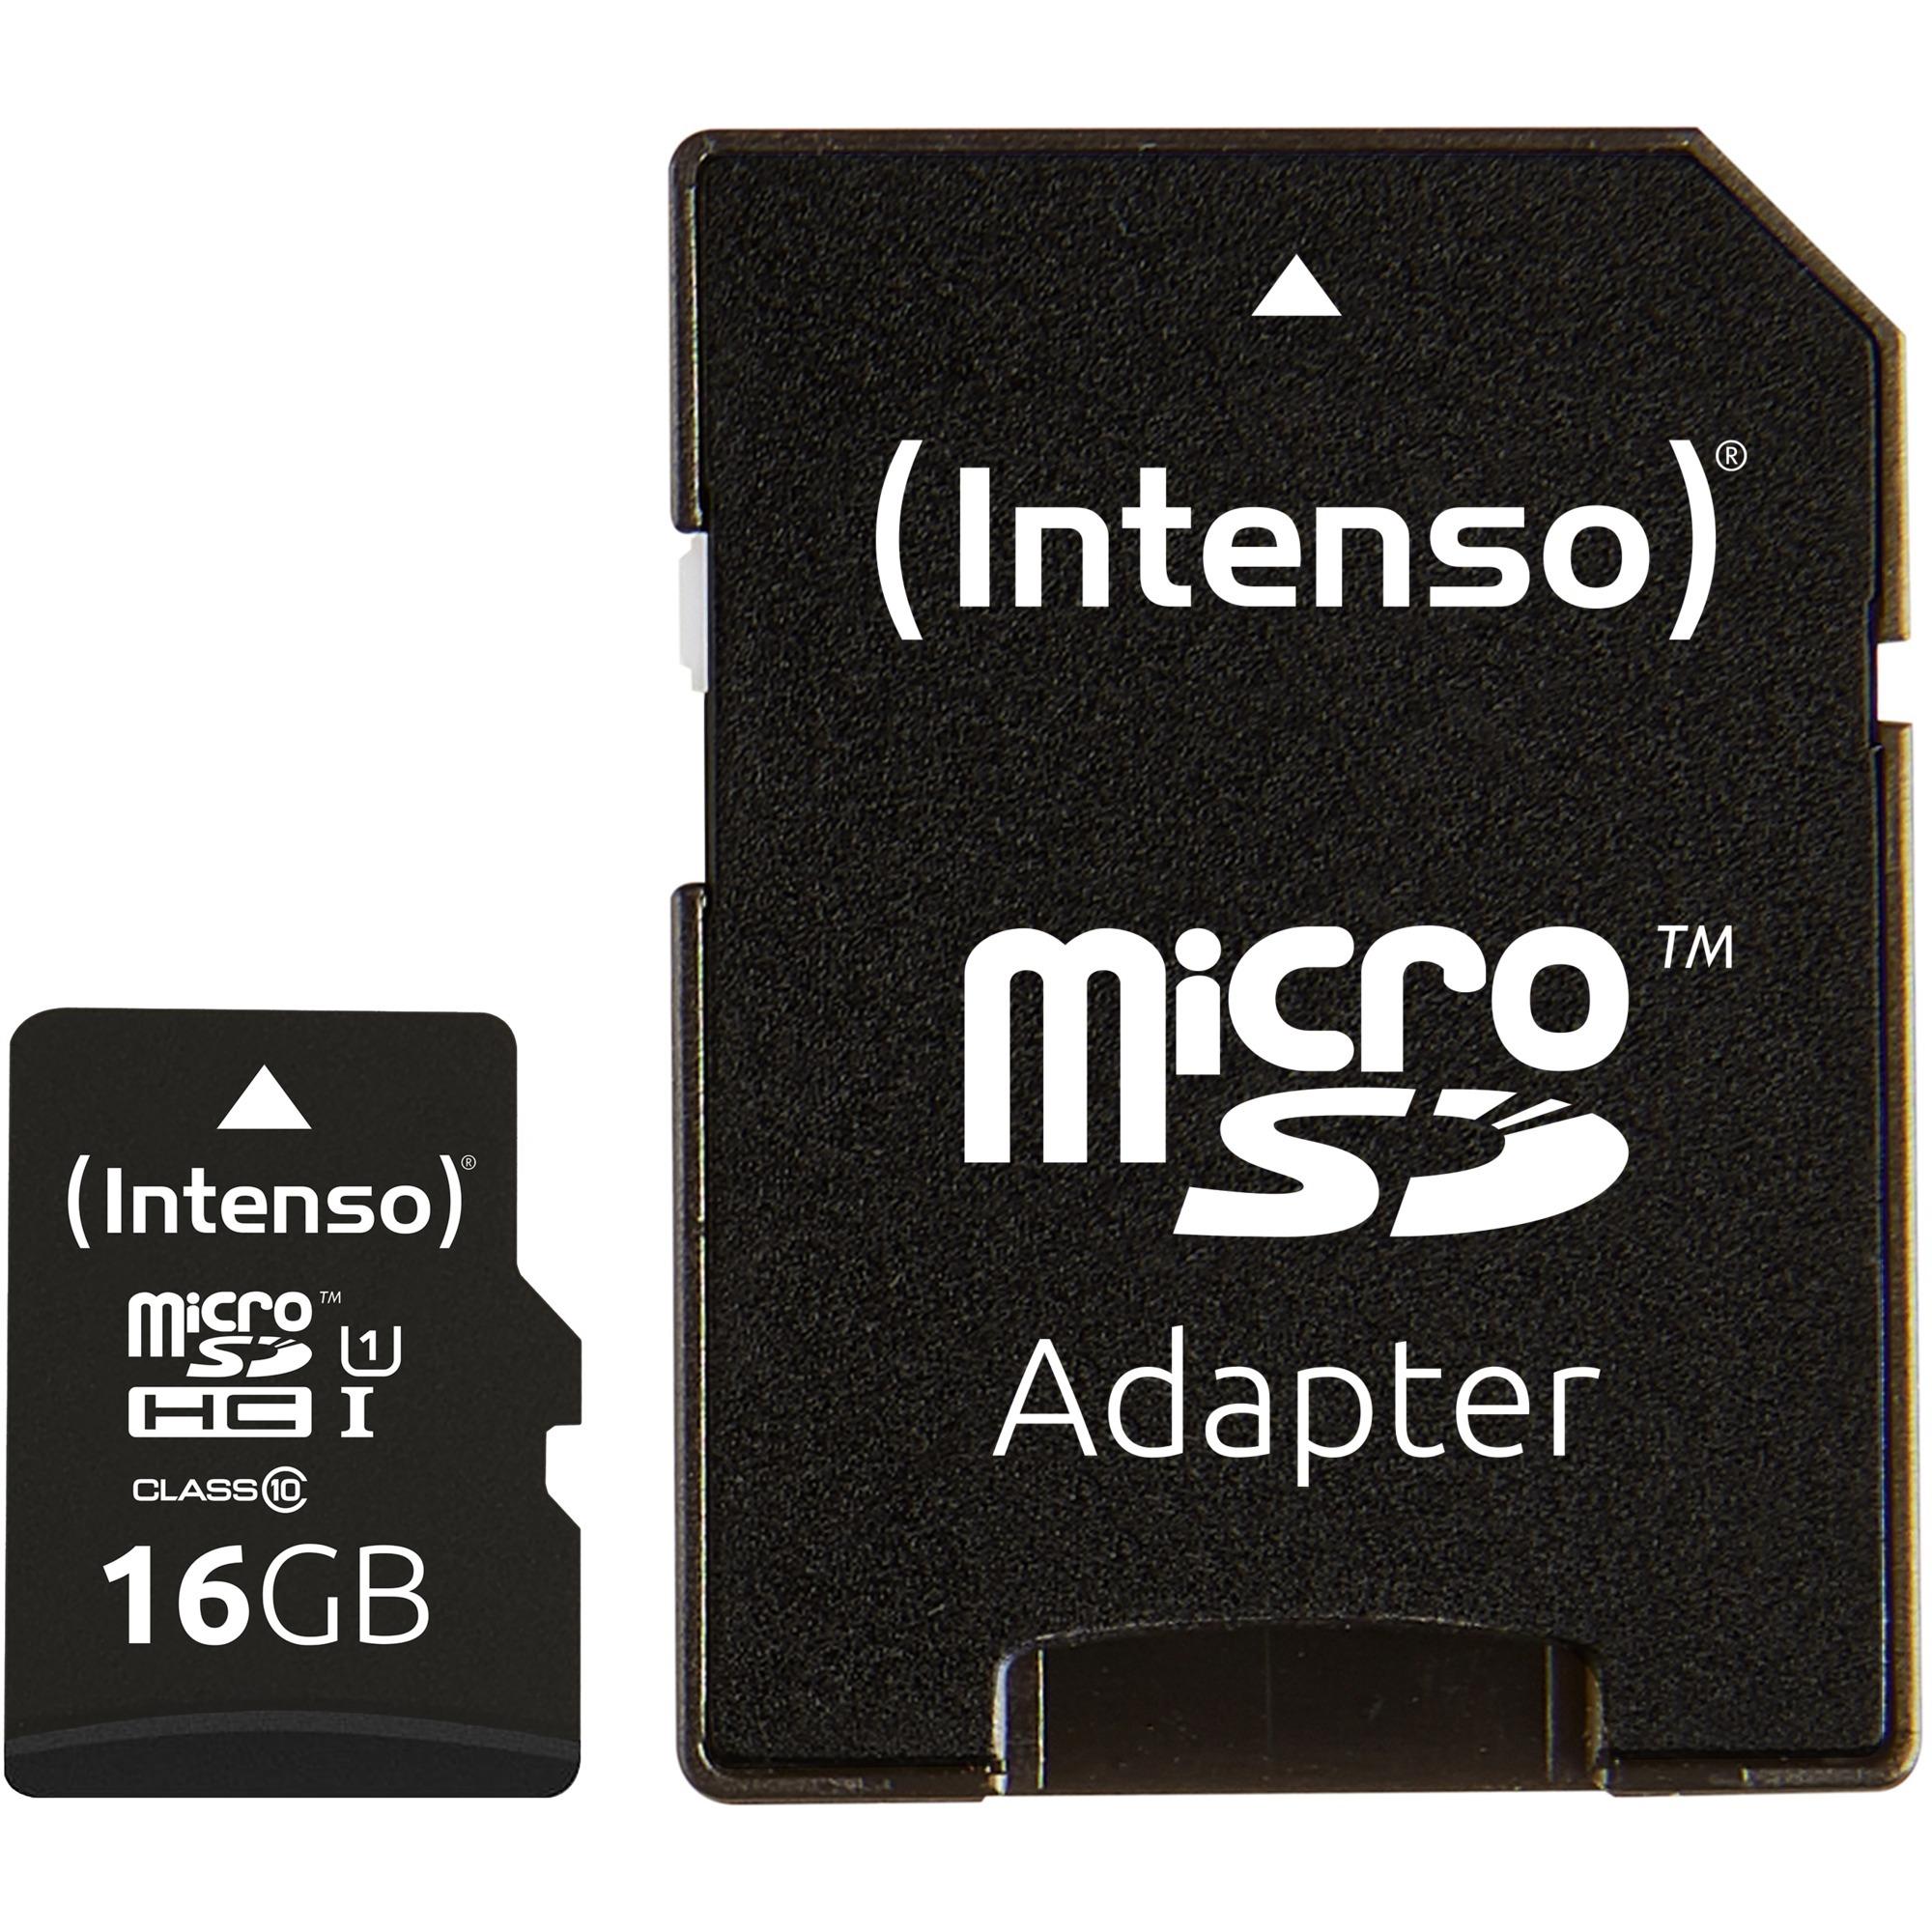 16GB microSDHC memoria flash Clase 10 UHS, Tarjeta de memoria